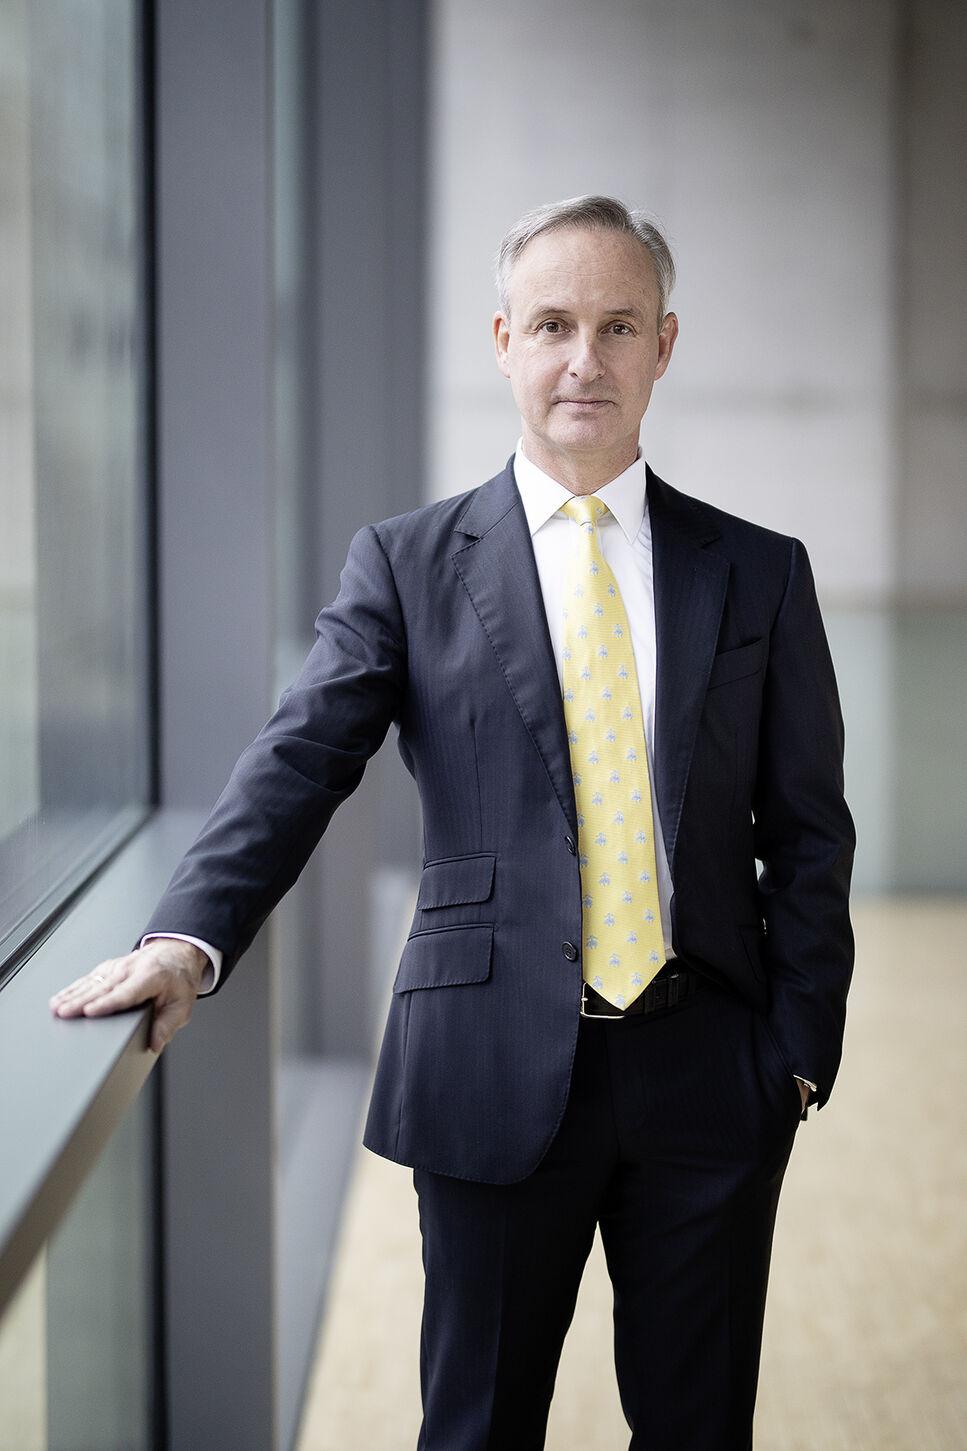 BRAIN CEO Adriaan Moelker